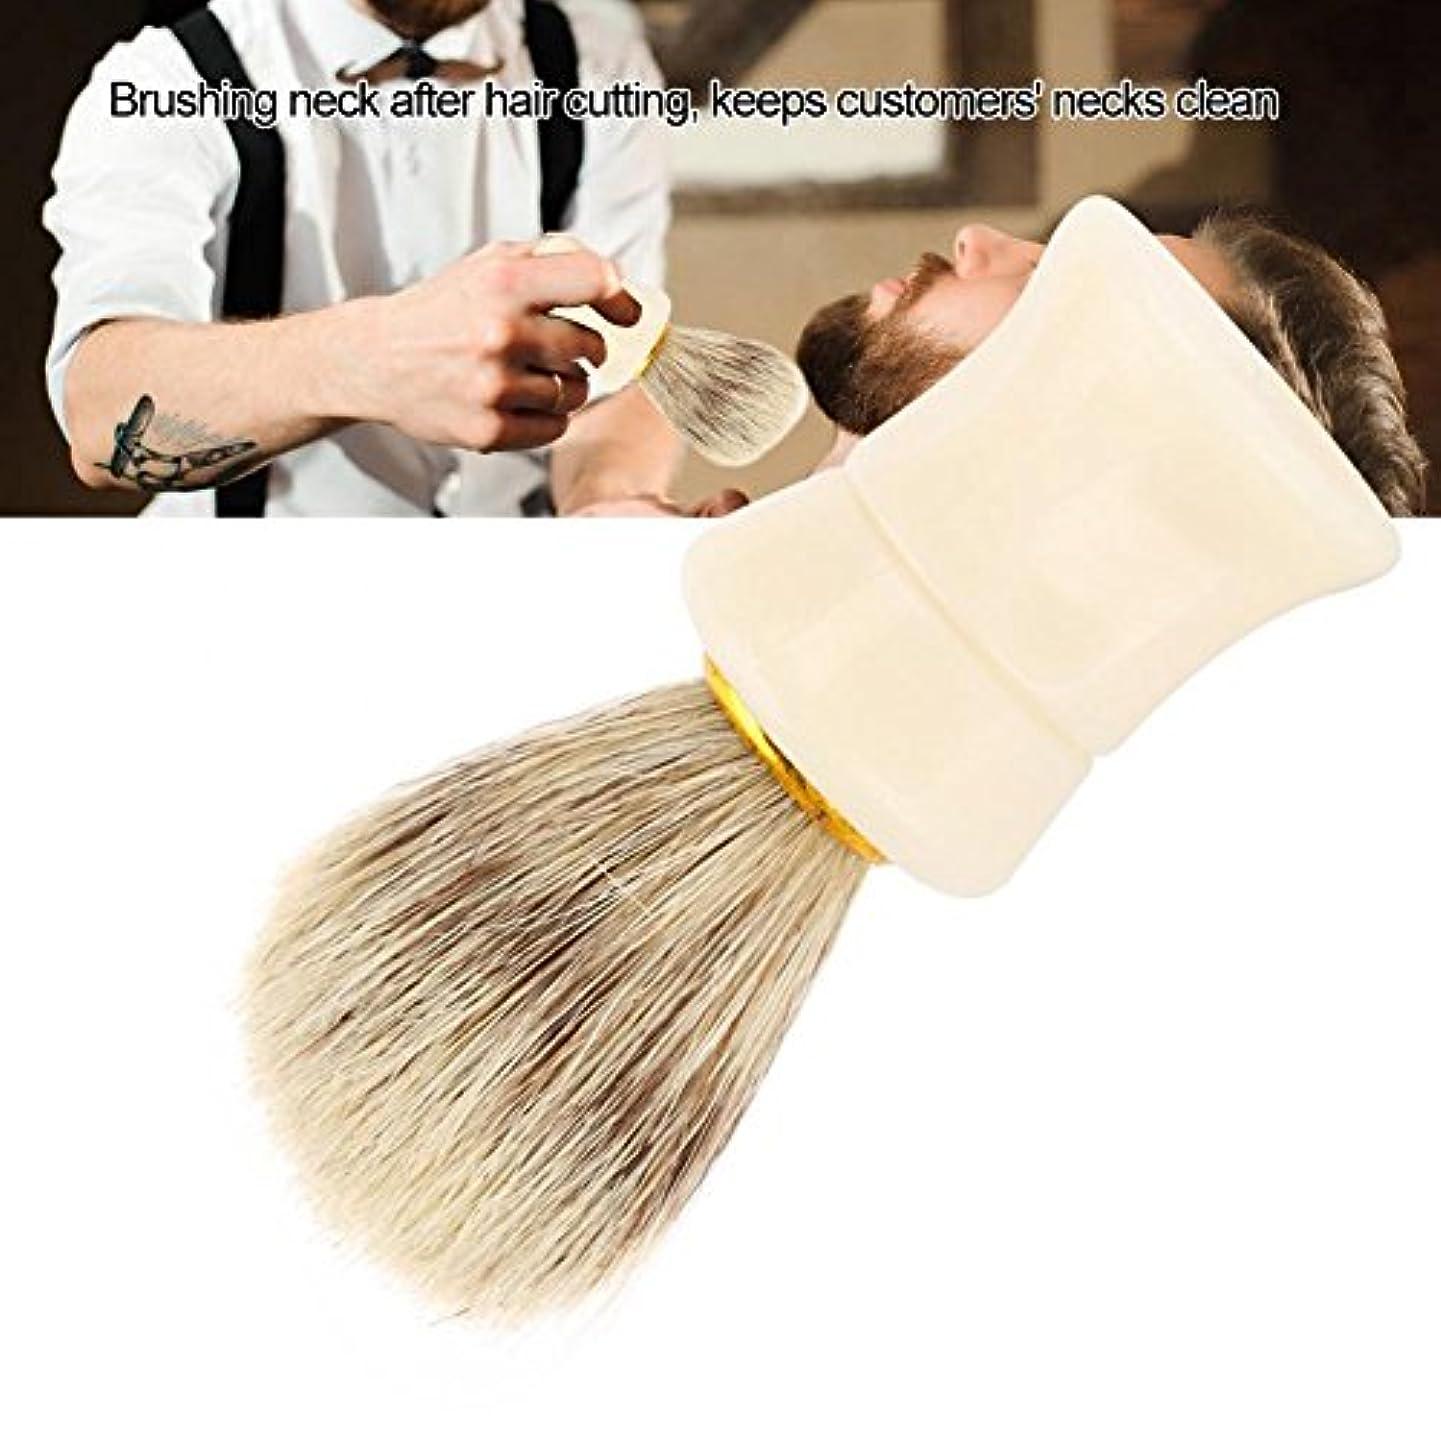 タイトル一致するエレガントプロ ネックダスターブラシ理髪師理髪クリーニングヘアブラシ